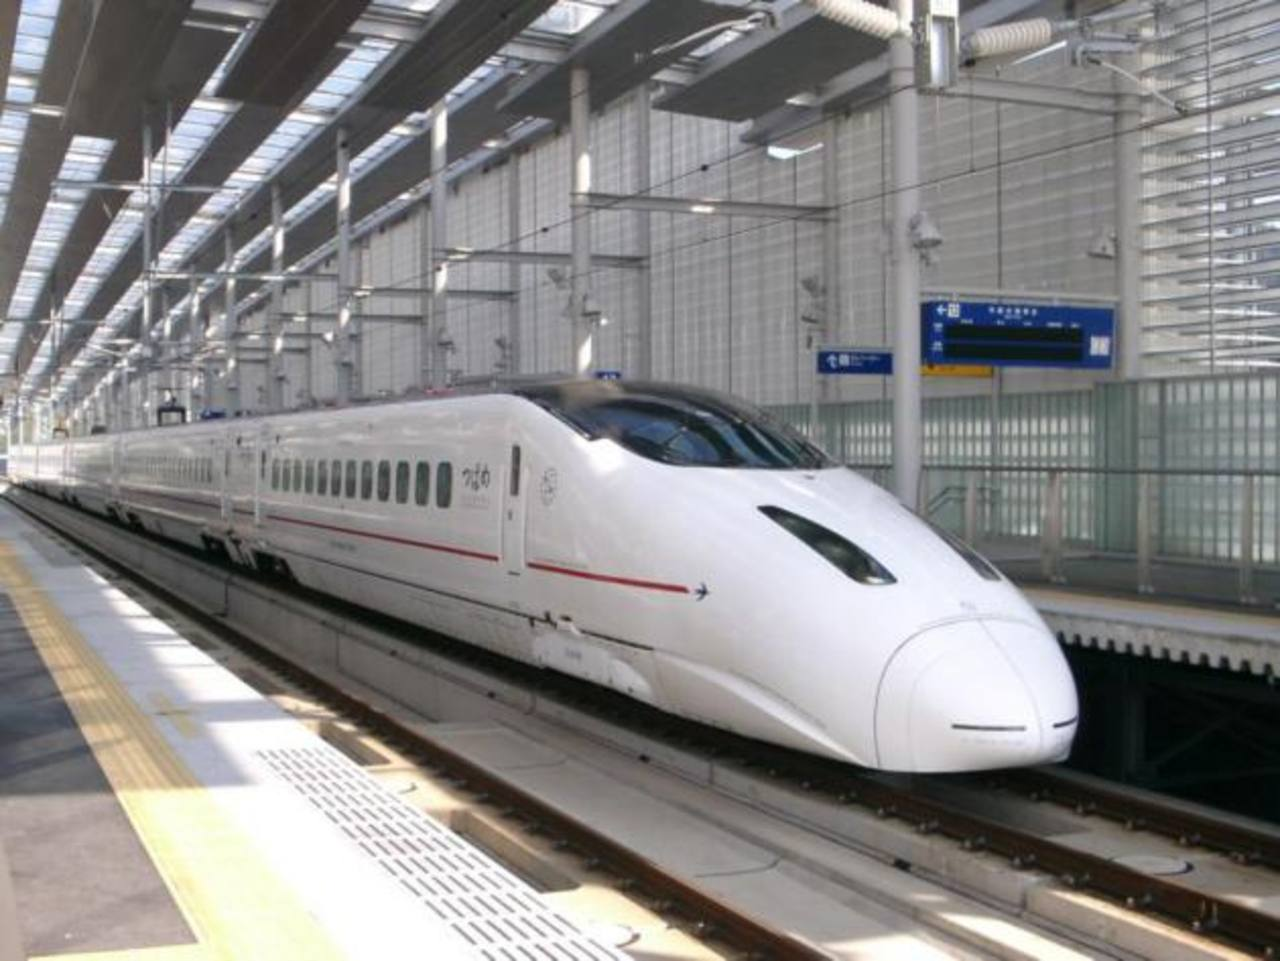 Muestra de un tren de alta velocidad, de los que ya existen en varios países desarrollados.